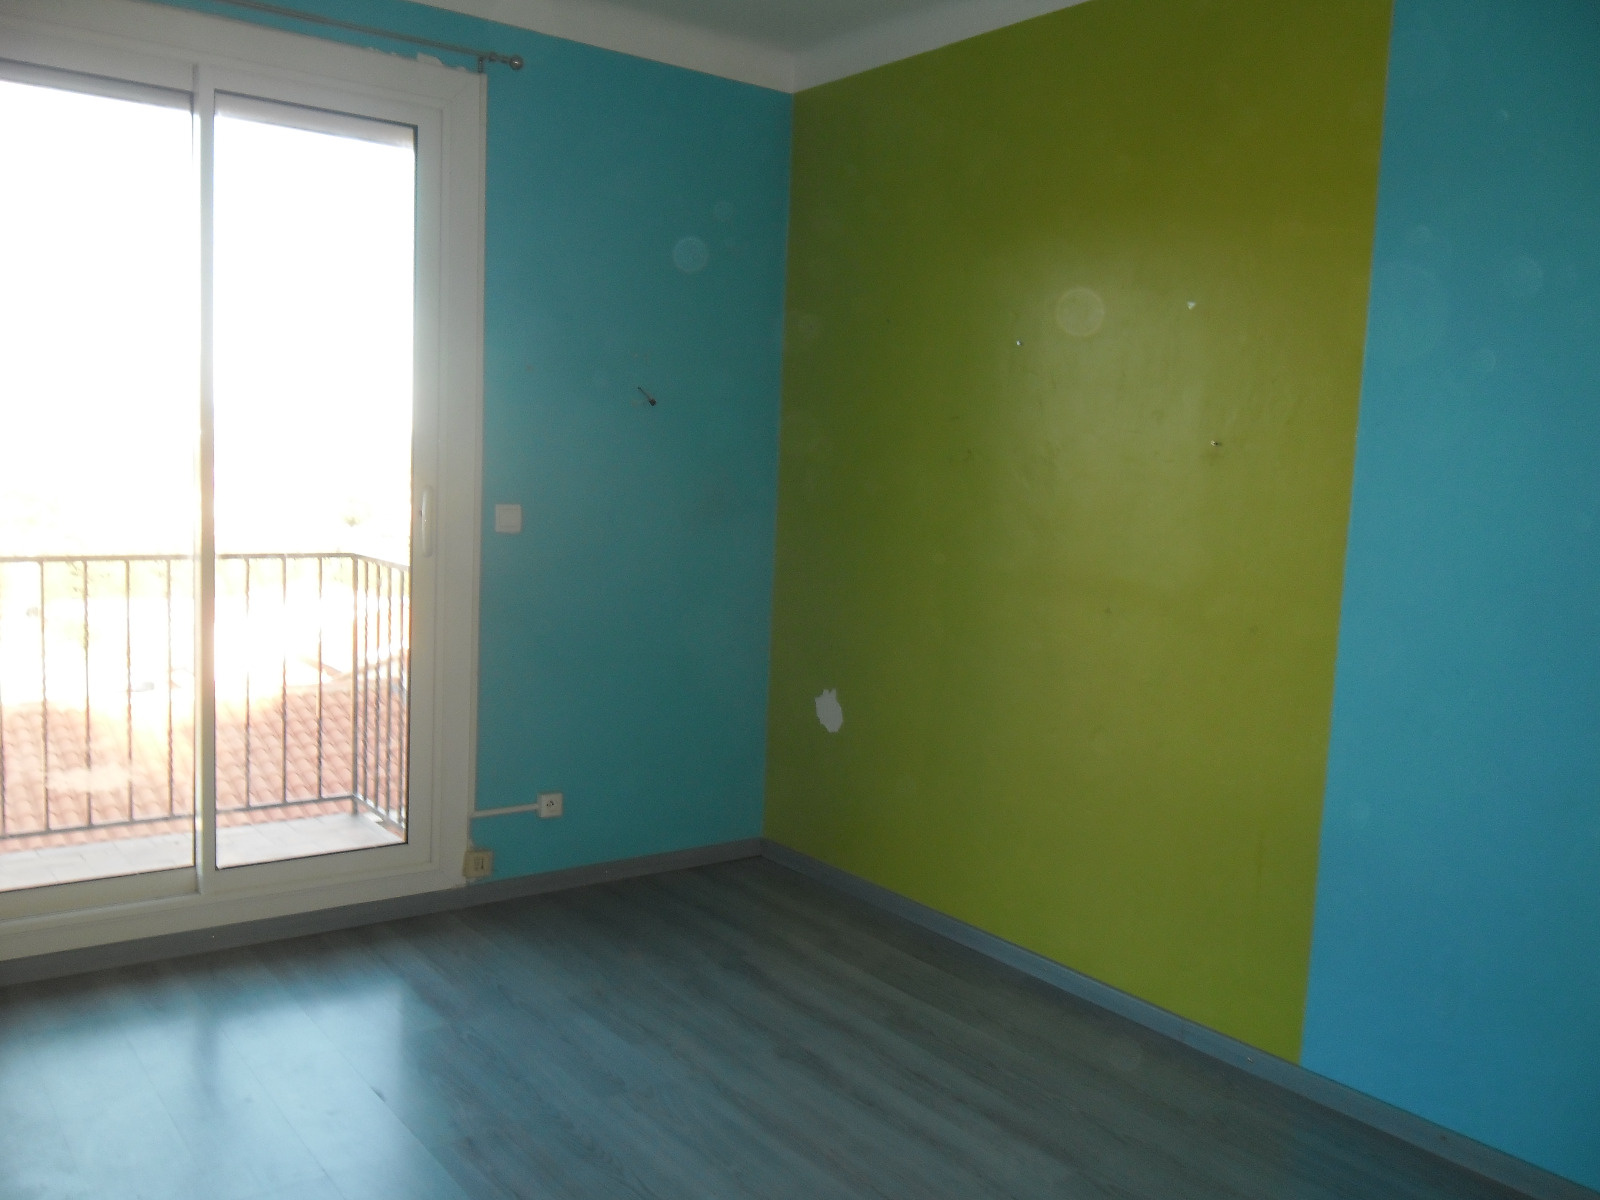 Location bouleternere appartement t4 garage terrasse for Appartement garage